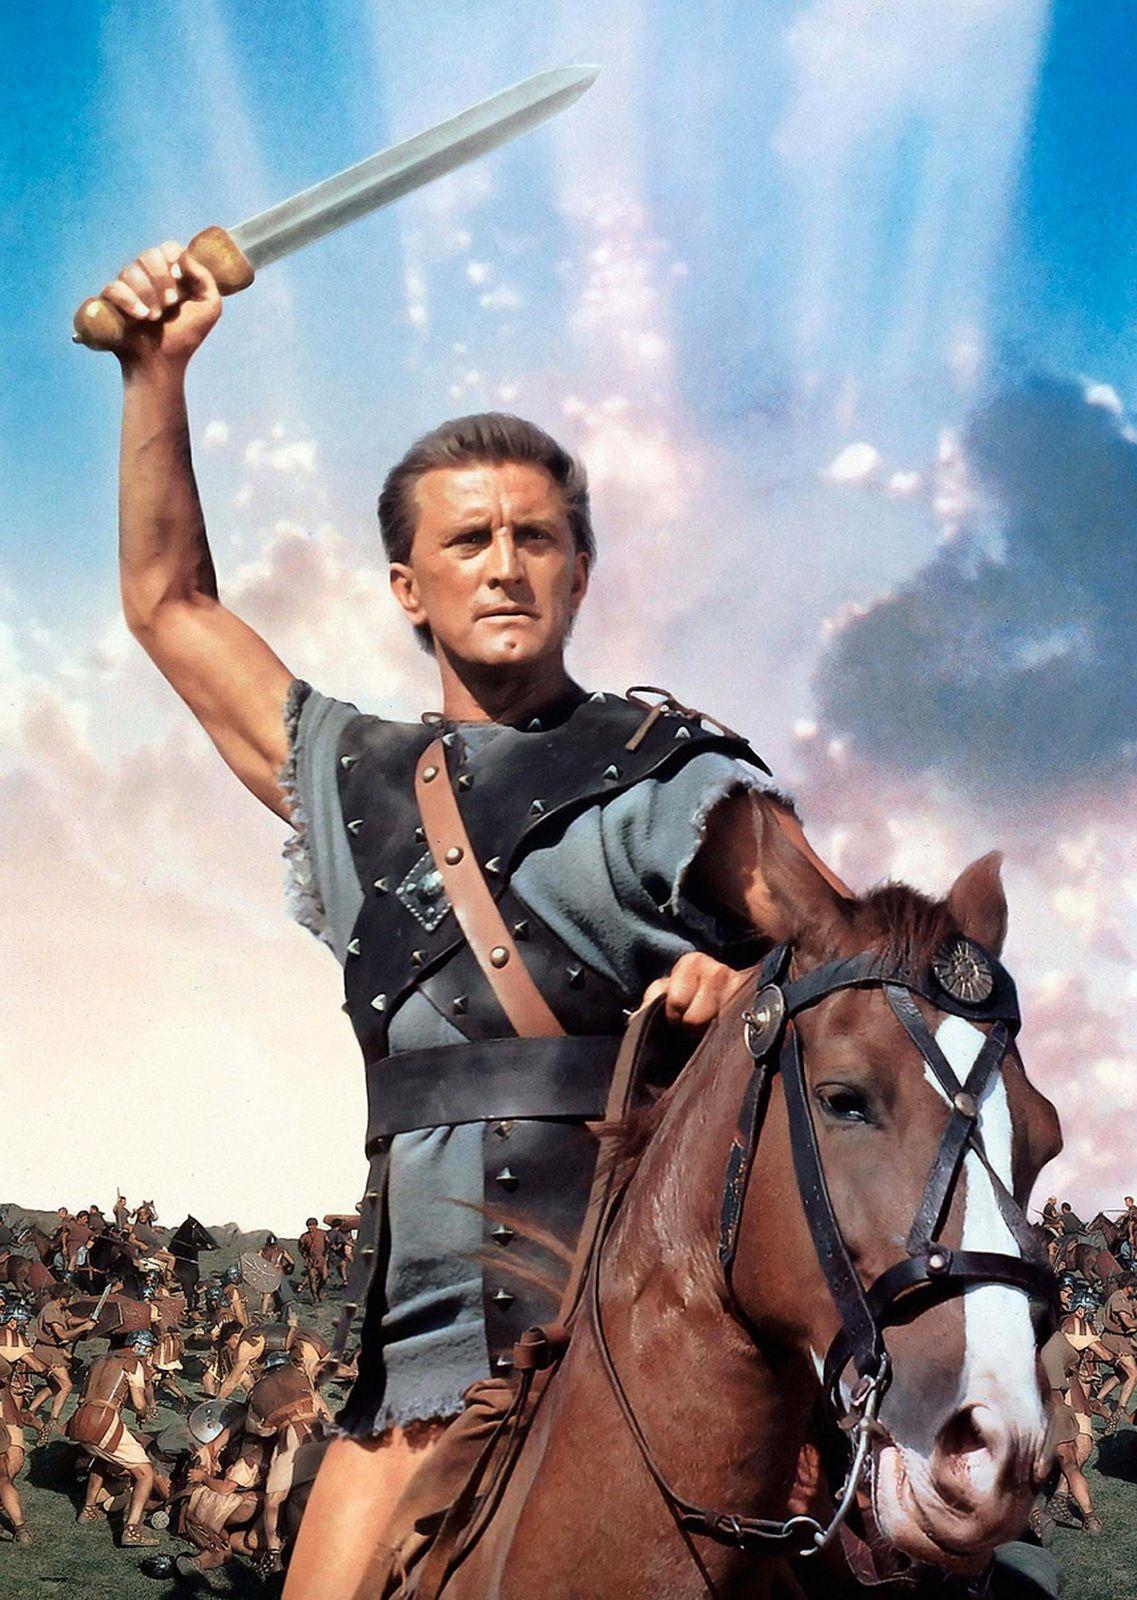 Filme Spartacus pertaining to kirk douglas como o personagem spartacus no filme de mesmo nome